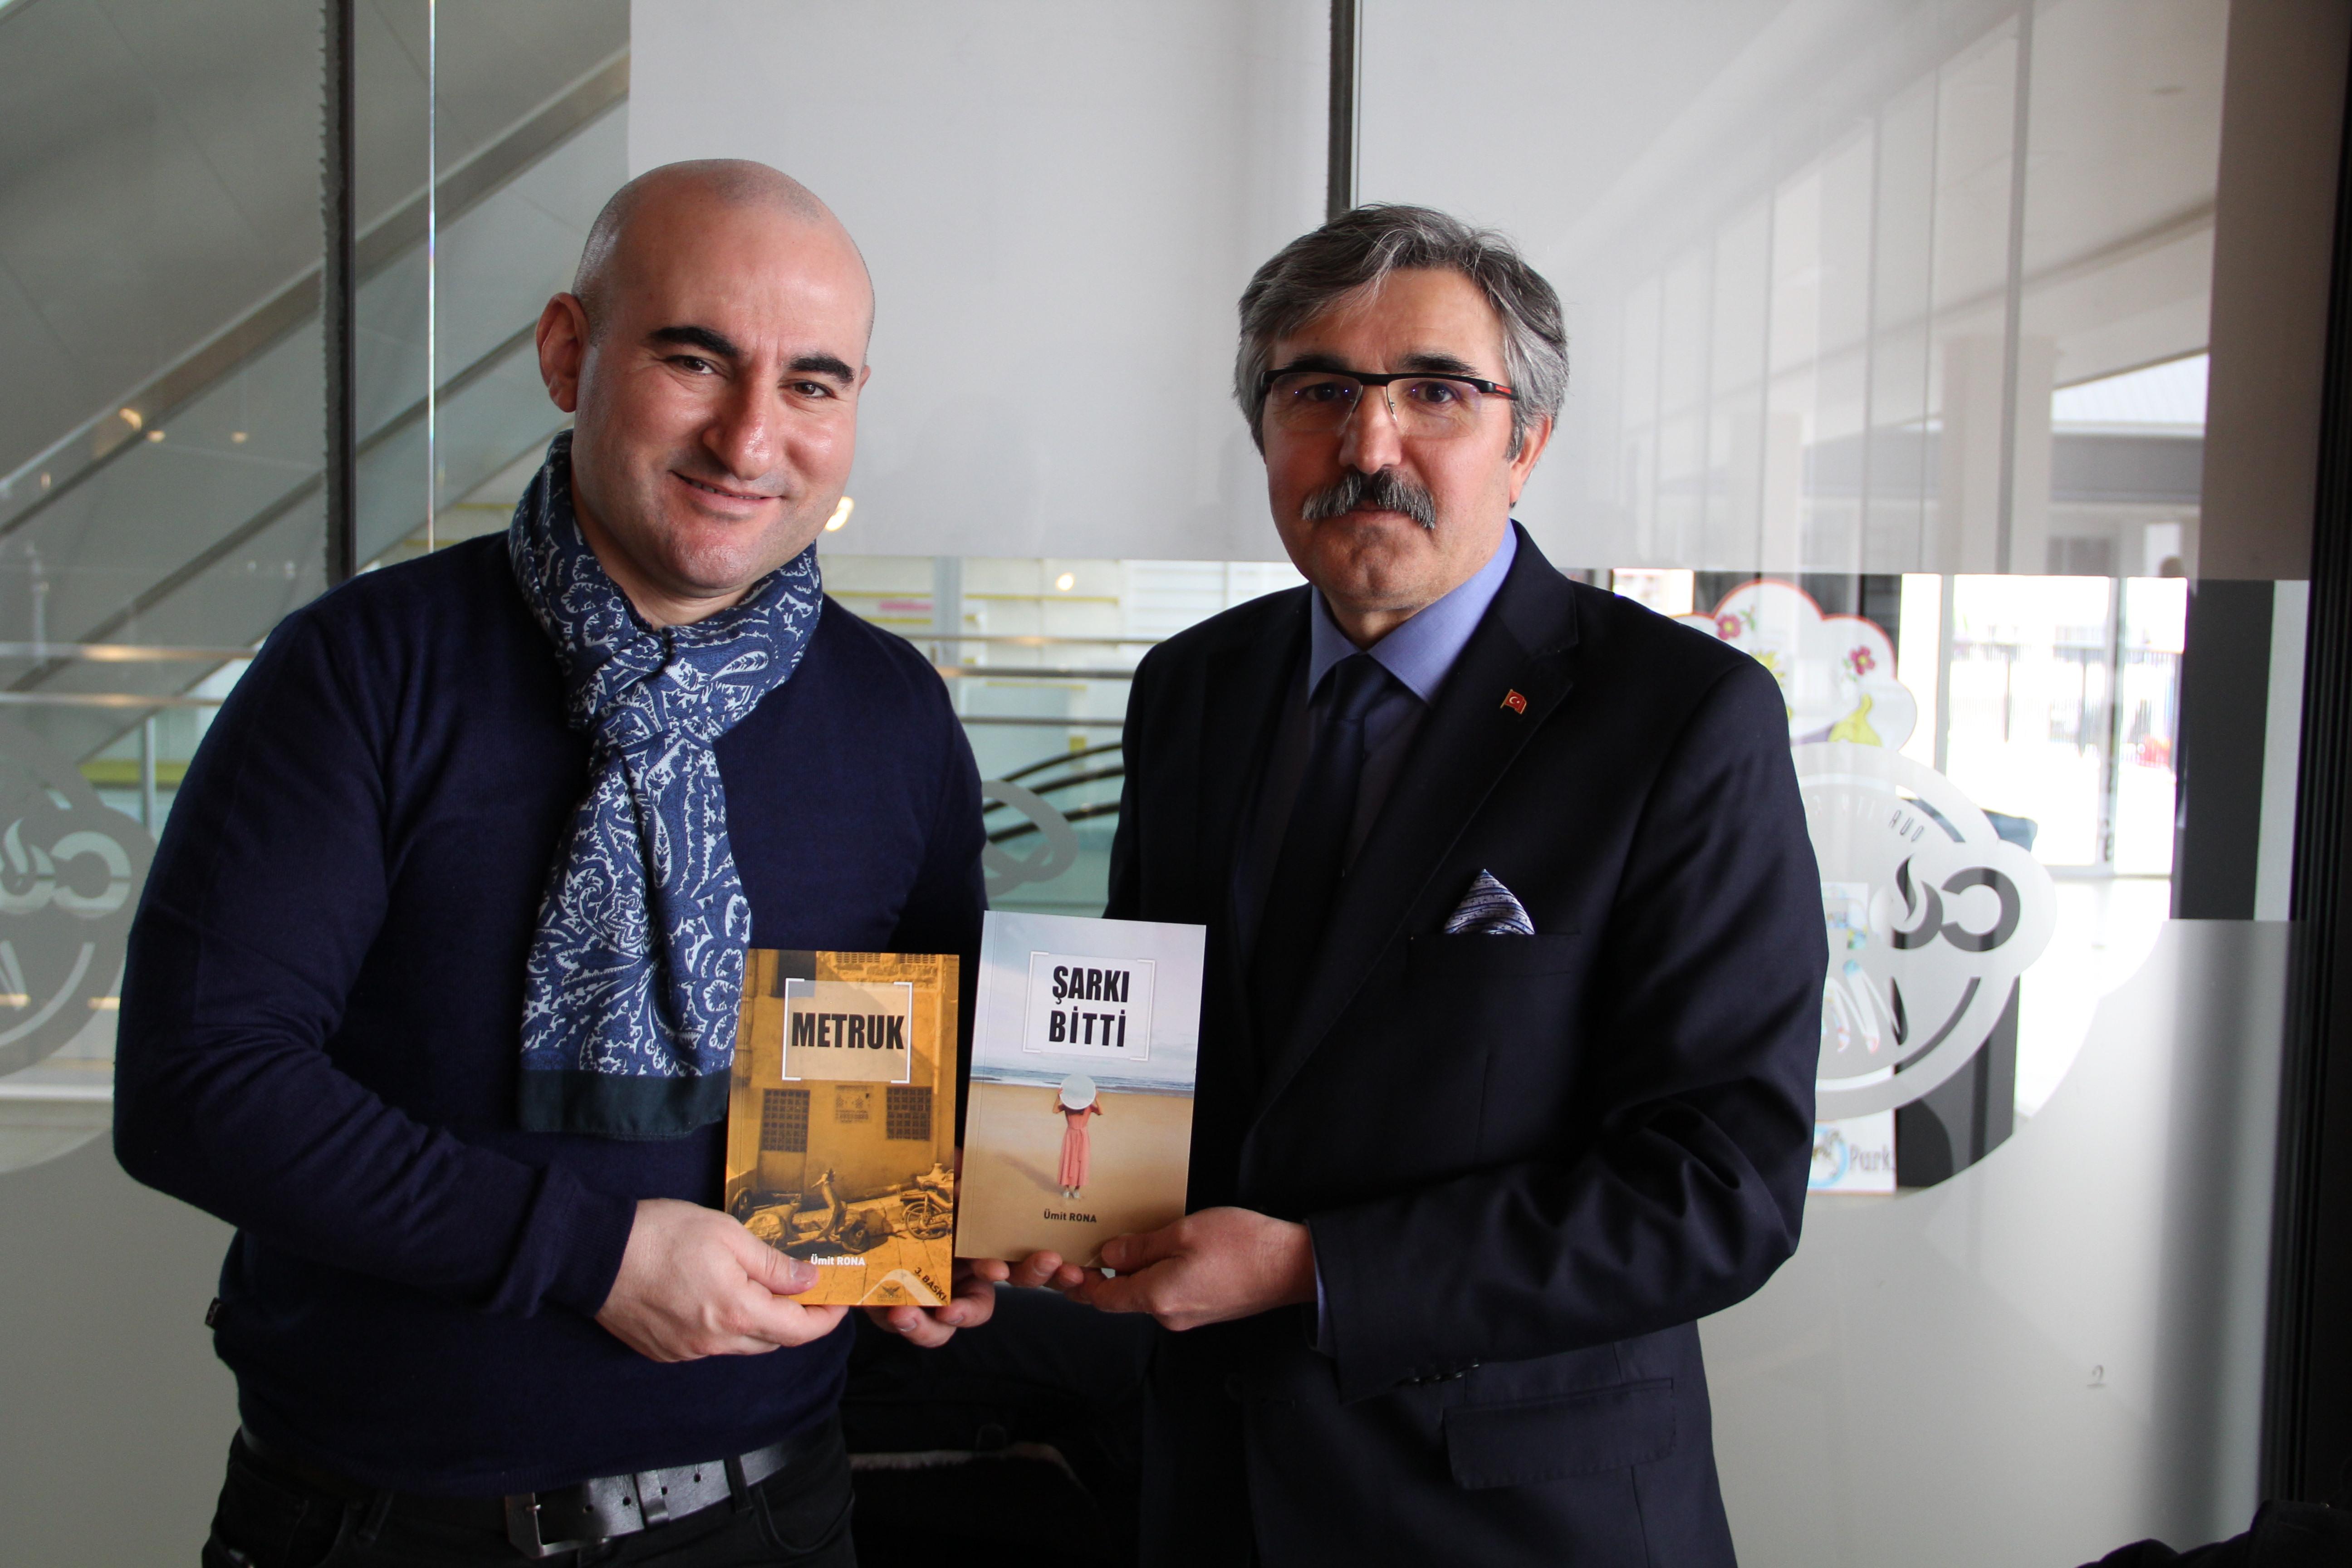 """Manisa Kültür Sohbetlerinde """"Galata'da Yarım Şarkılar"""" Konuşuldu"""